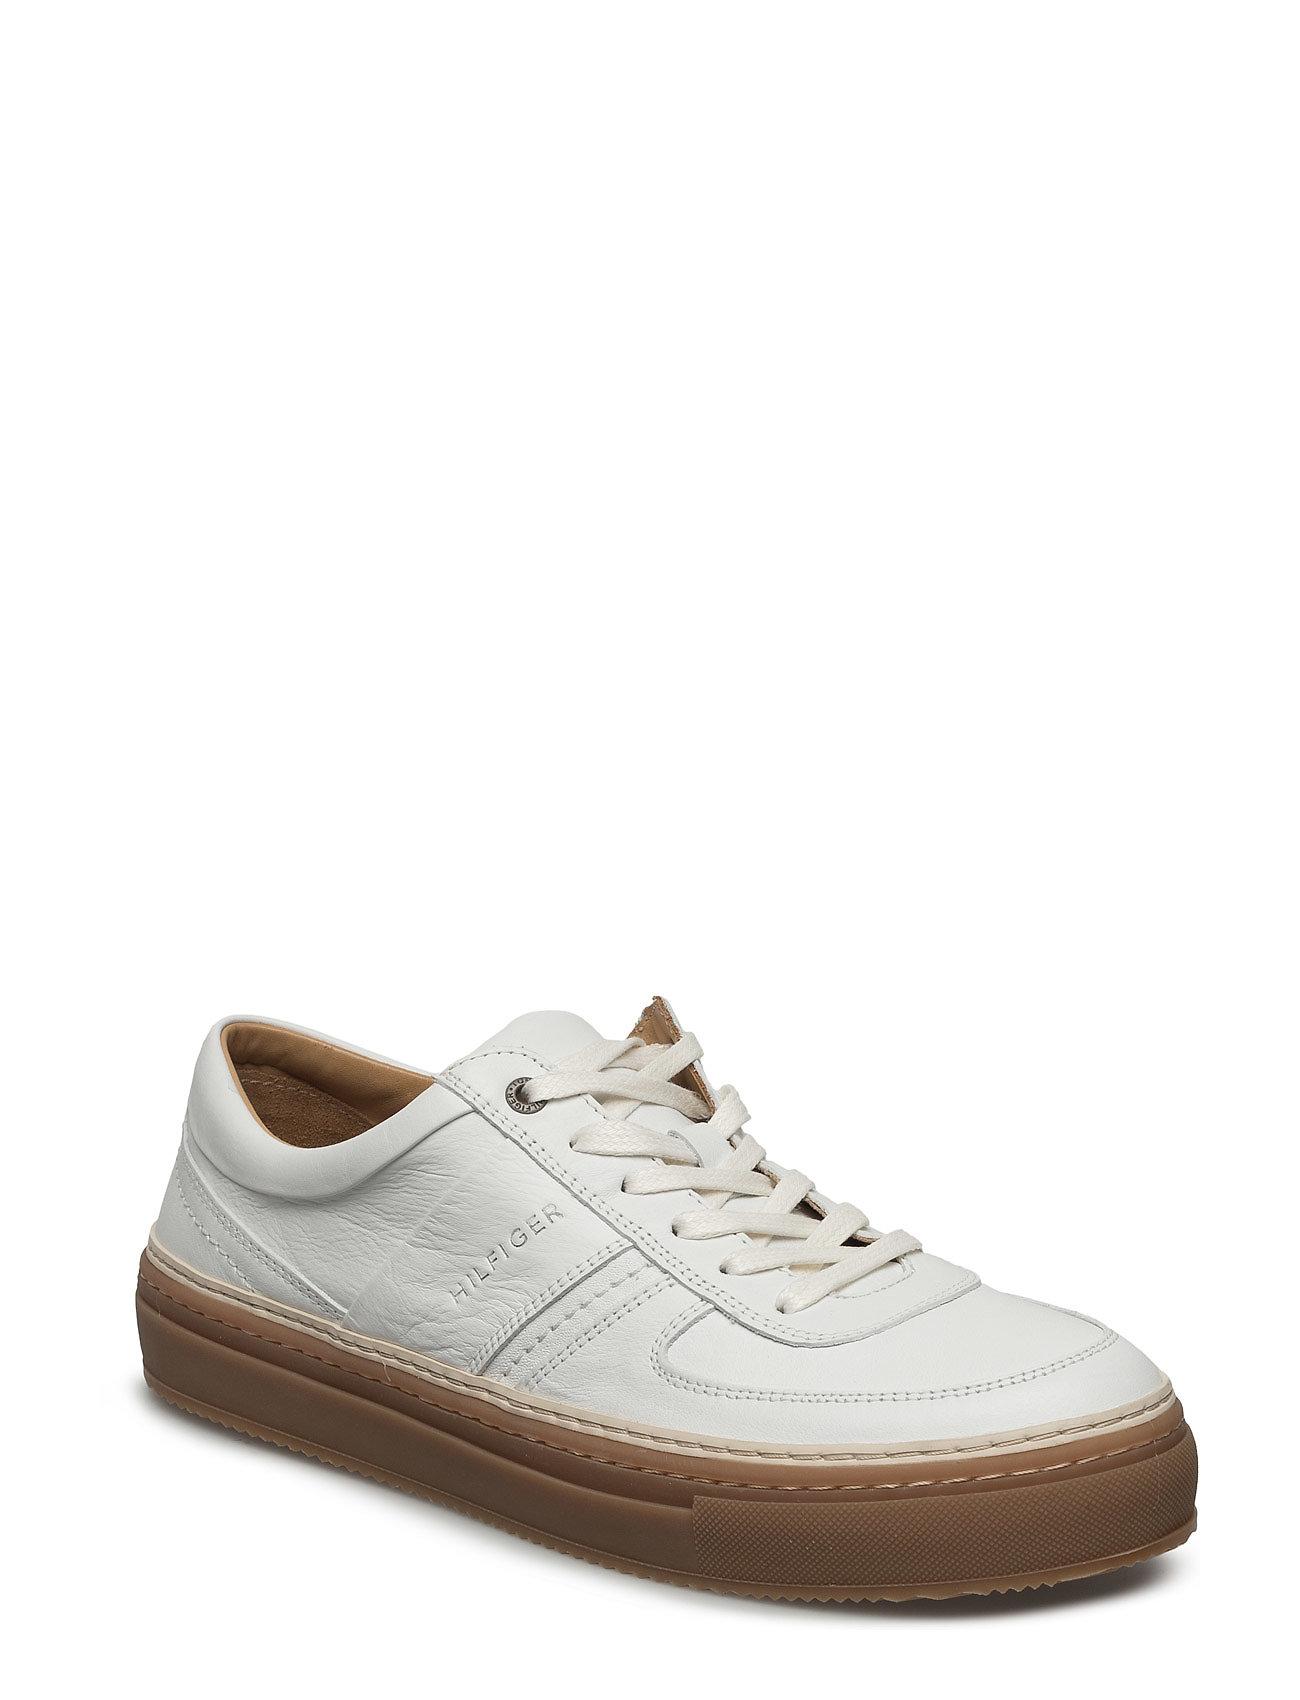 B2285lanc 2a Tommy Hilfiger Sneakers til Herrer i hvid